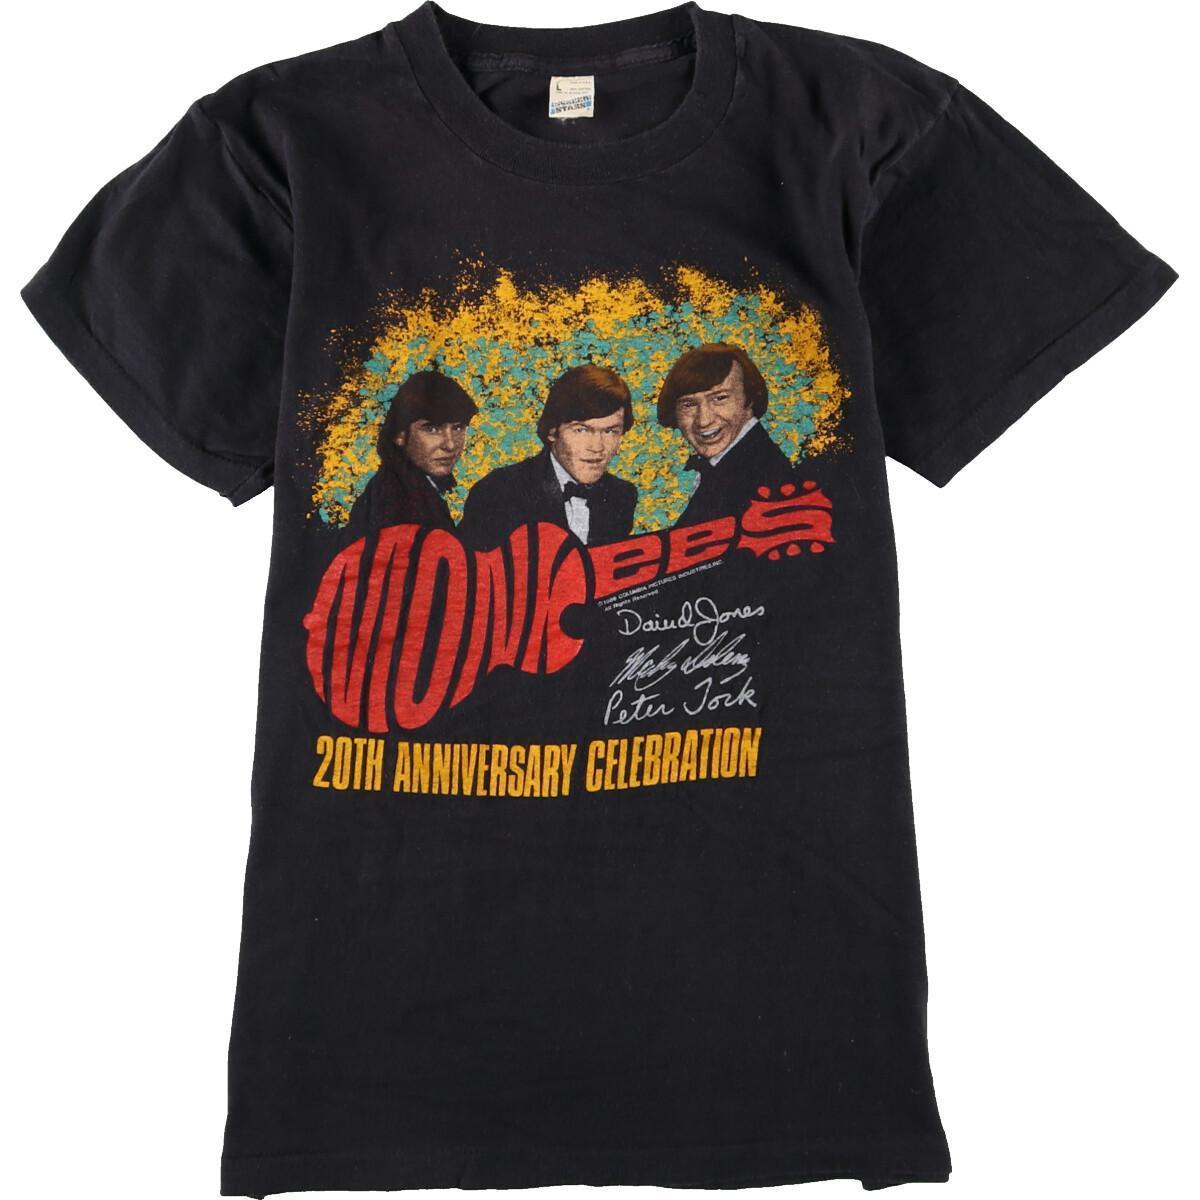 80年代 スクリーンスターズ SCREEN STARS MONKEES モンキーズ 20TH ANNIVERSARY CELEBRATION WORLD TOUR バンドTシャツ USA製 メンズS ヴィンテージ /eaa061056 【中古】 【200717】